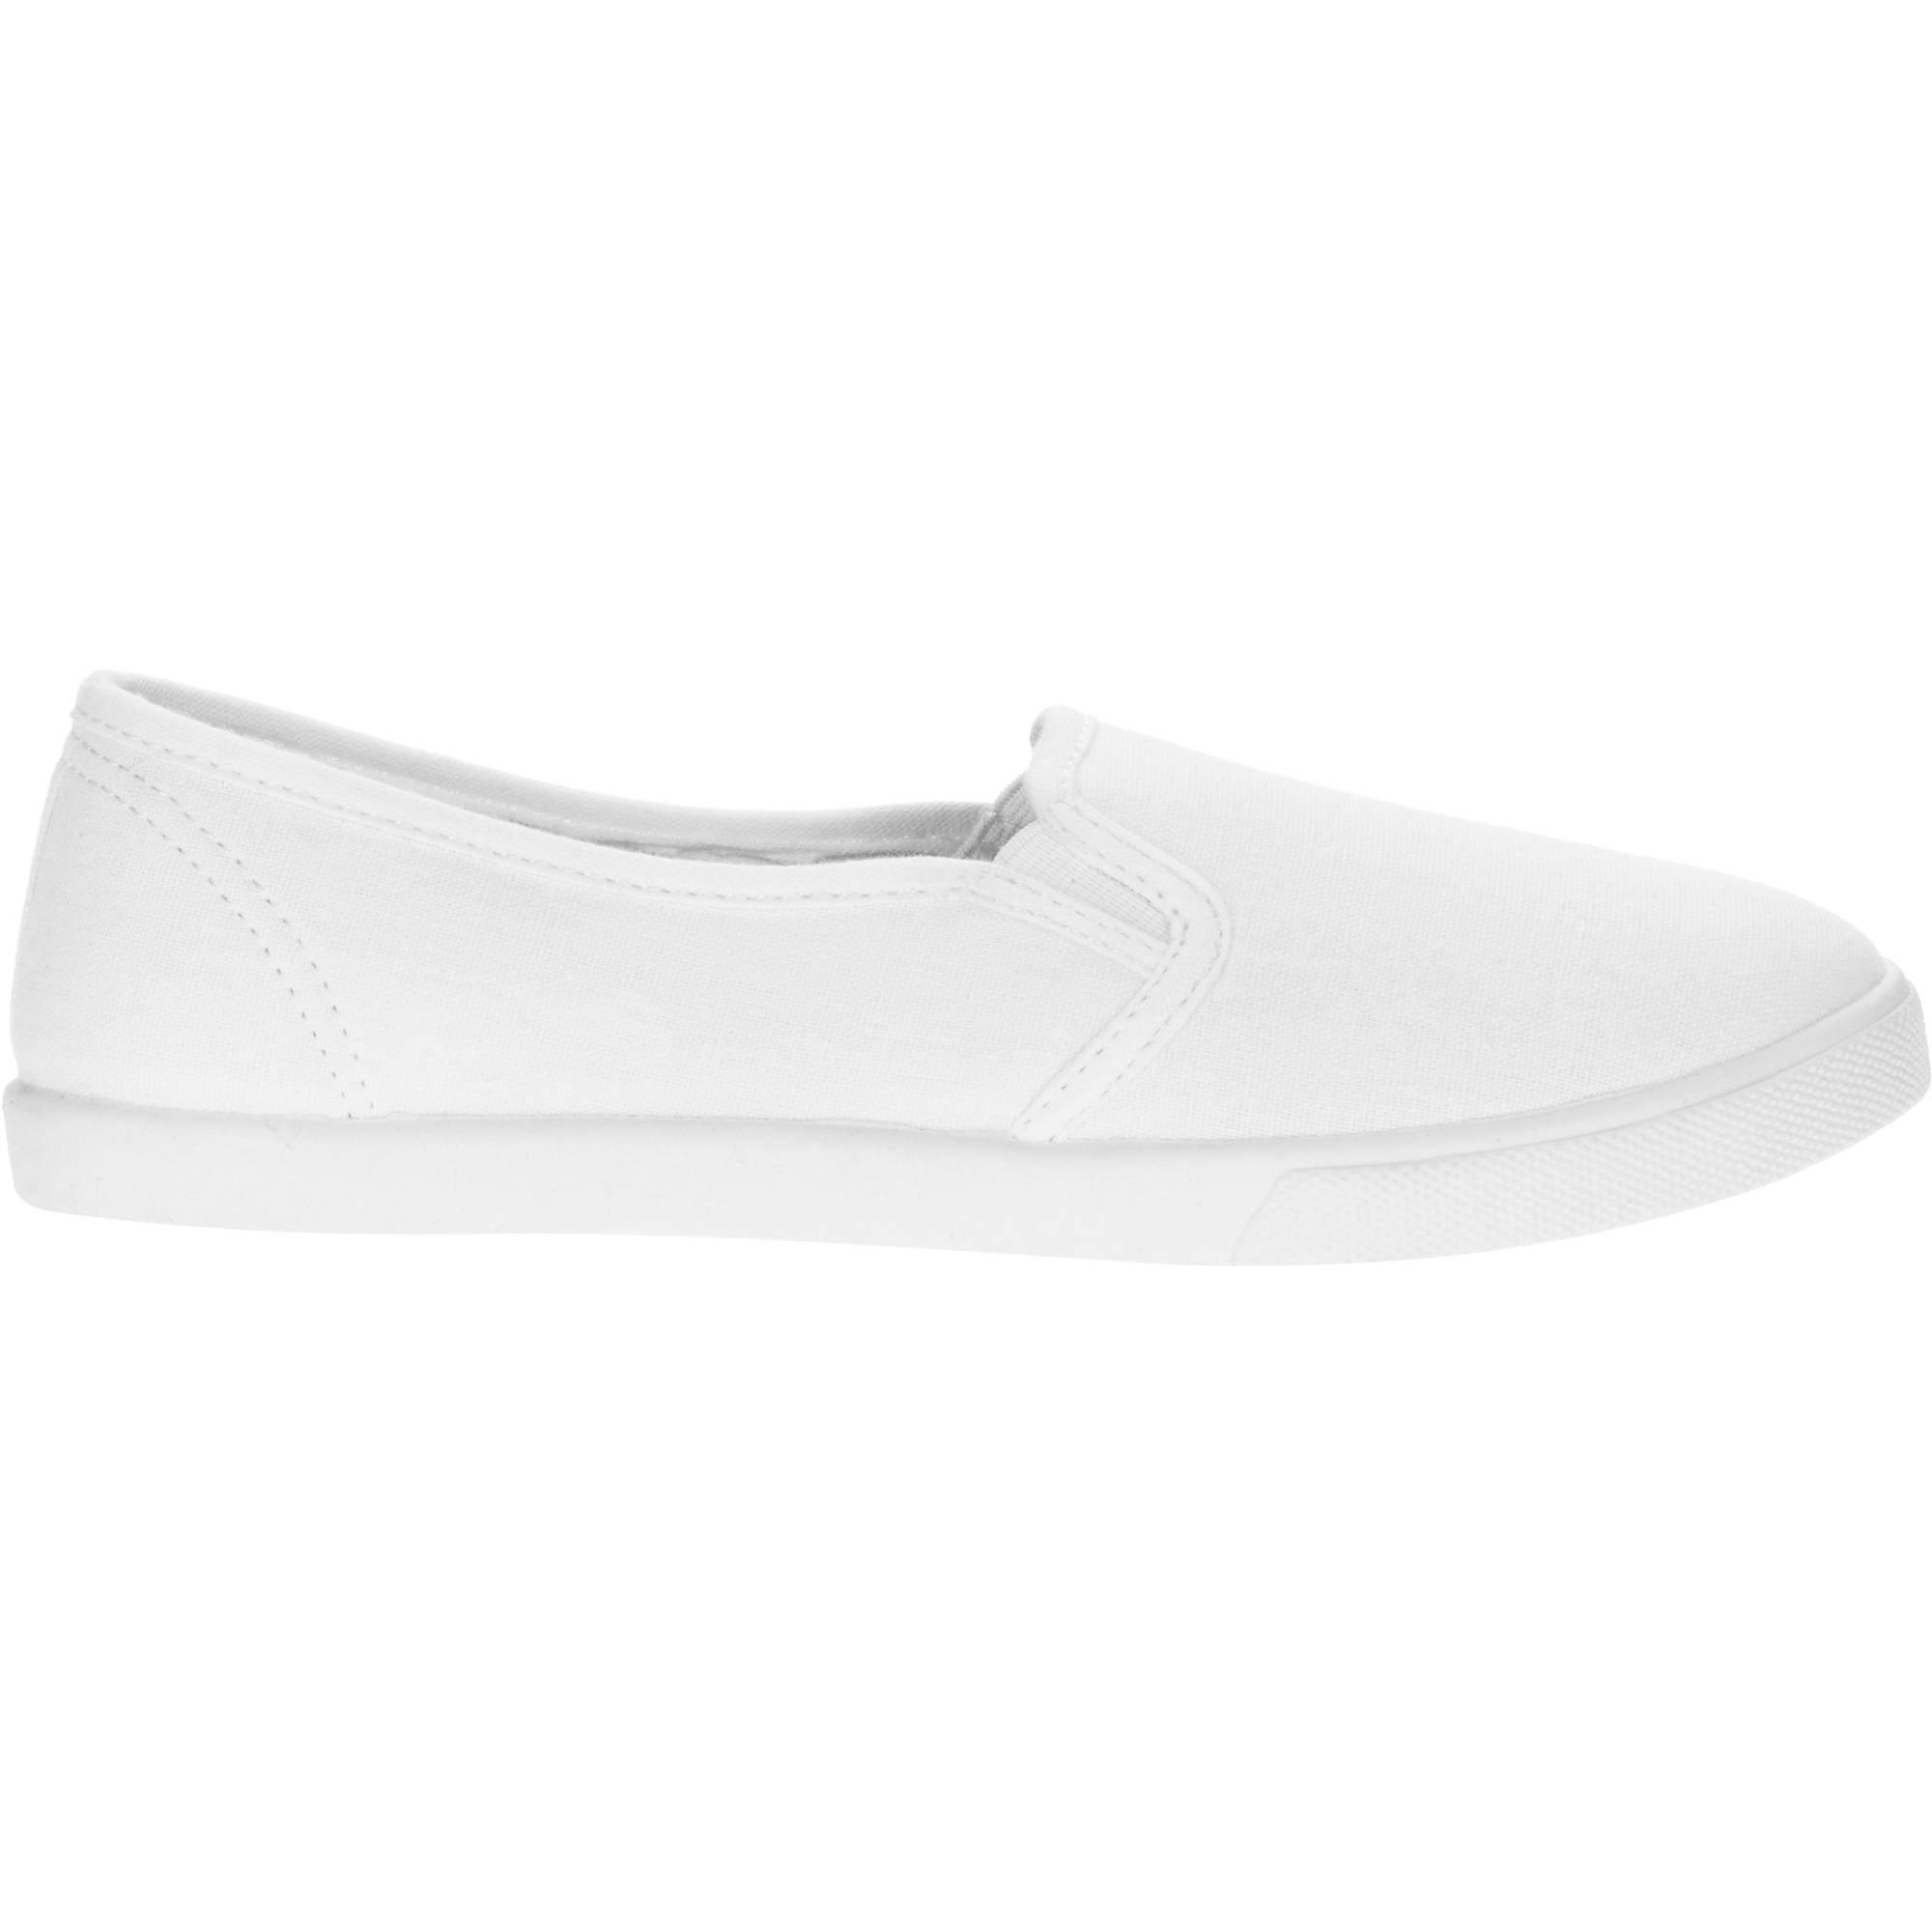 Women's Slip On Canvas Shoe - Walmart